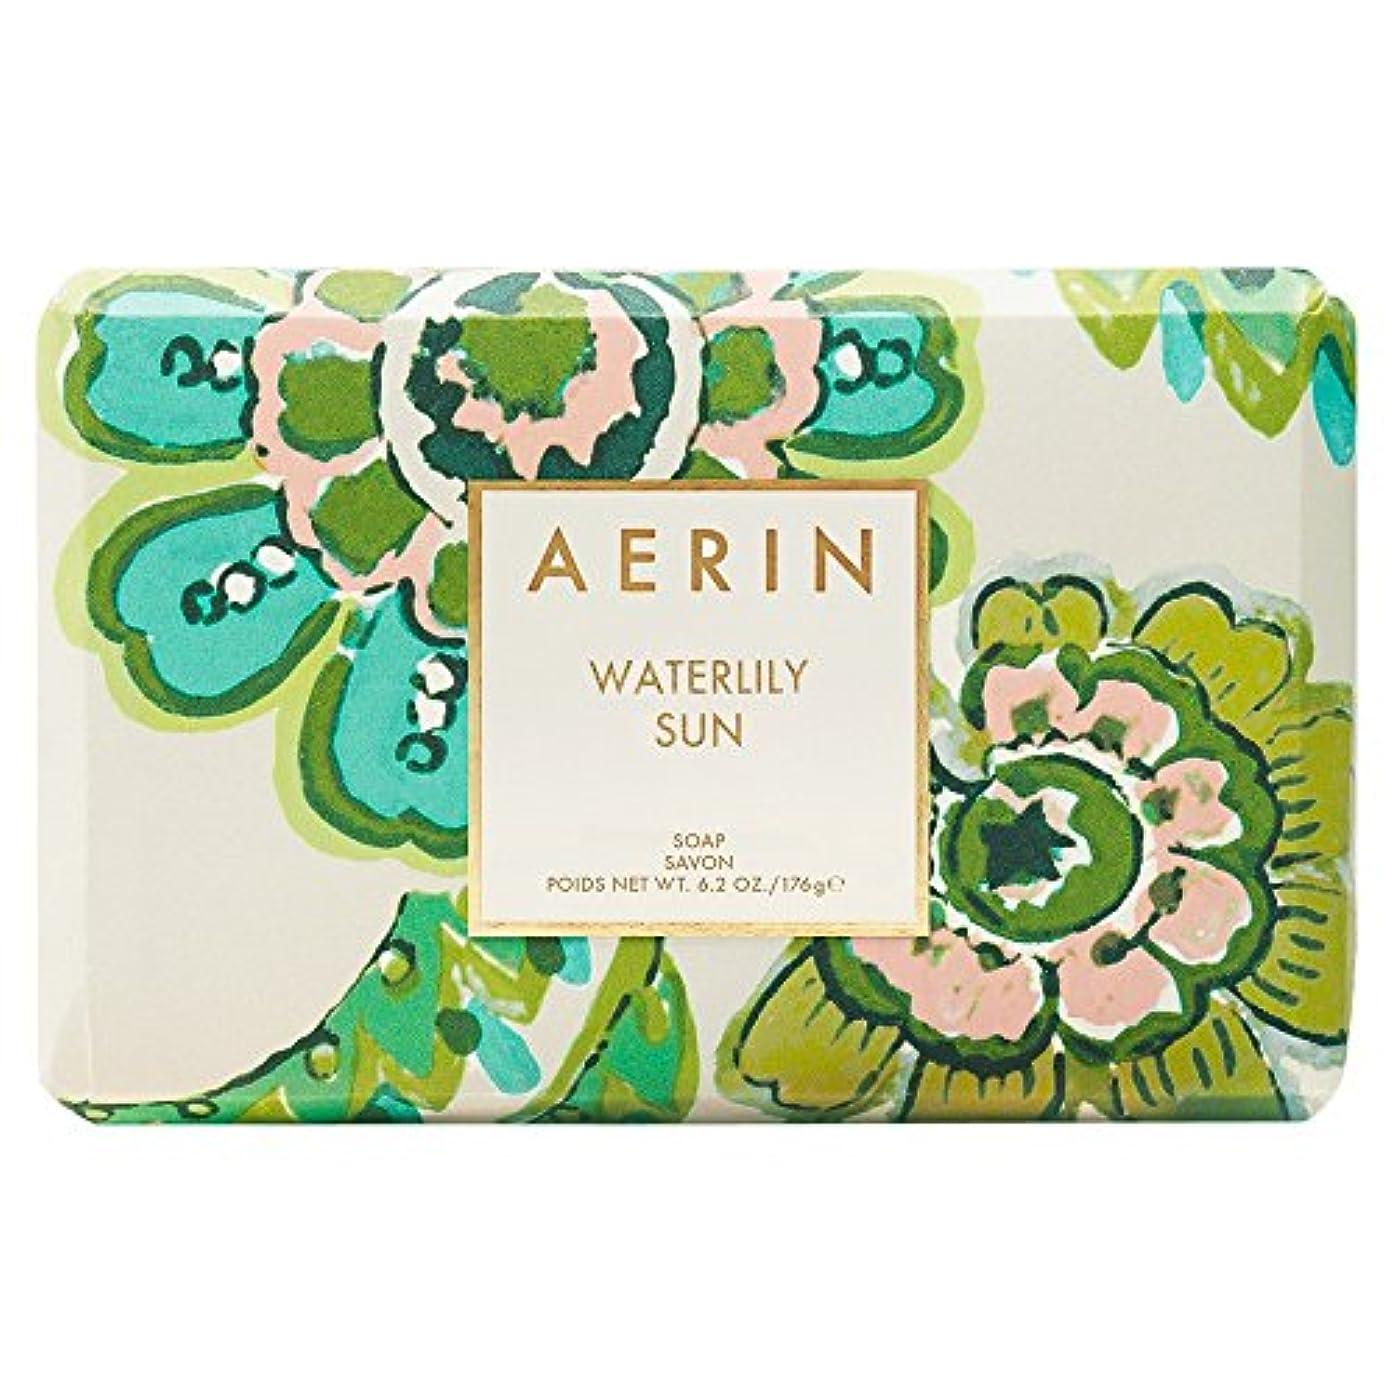 標高オアシス男やもめAerinスイレン日石鹸176グラム (AERIN) - AERIN Waterlily Sun Soap 176g [並行輸入品]